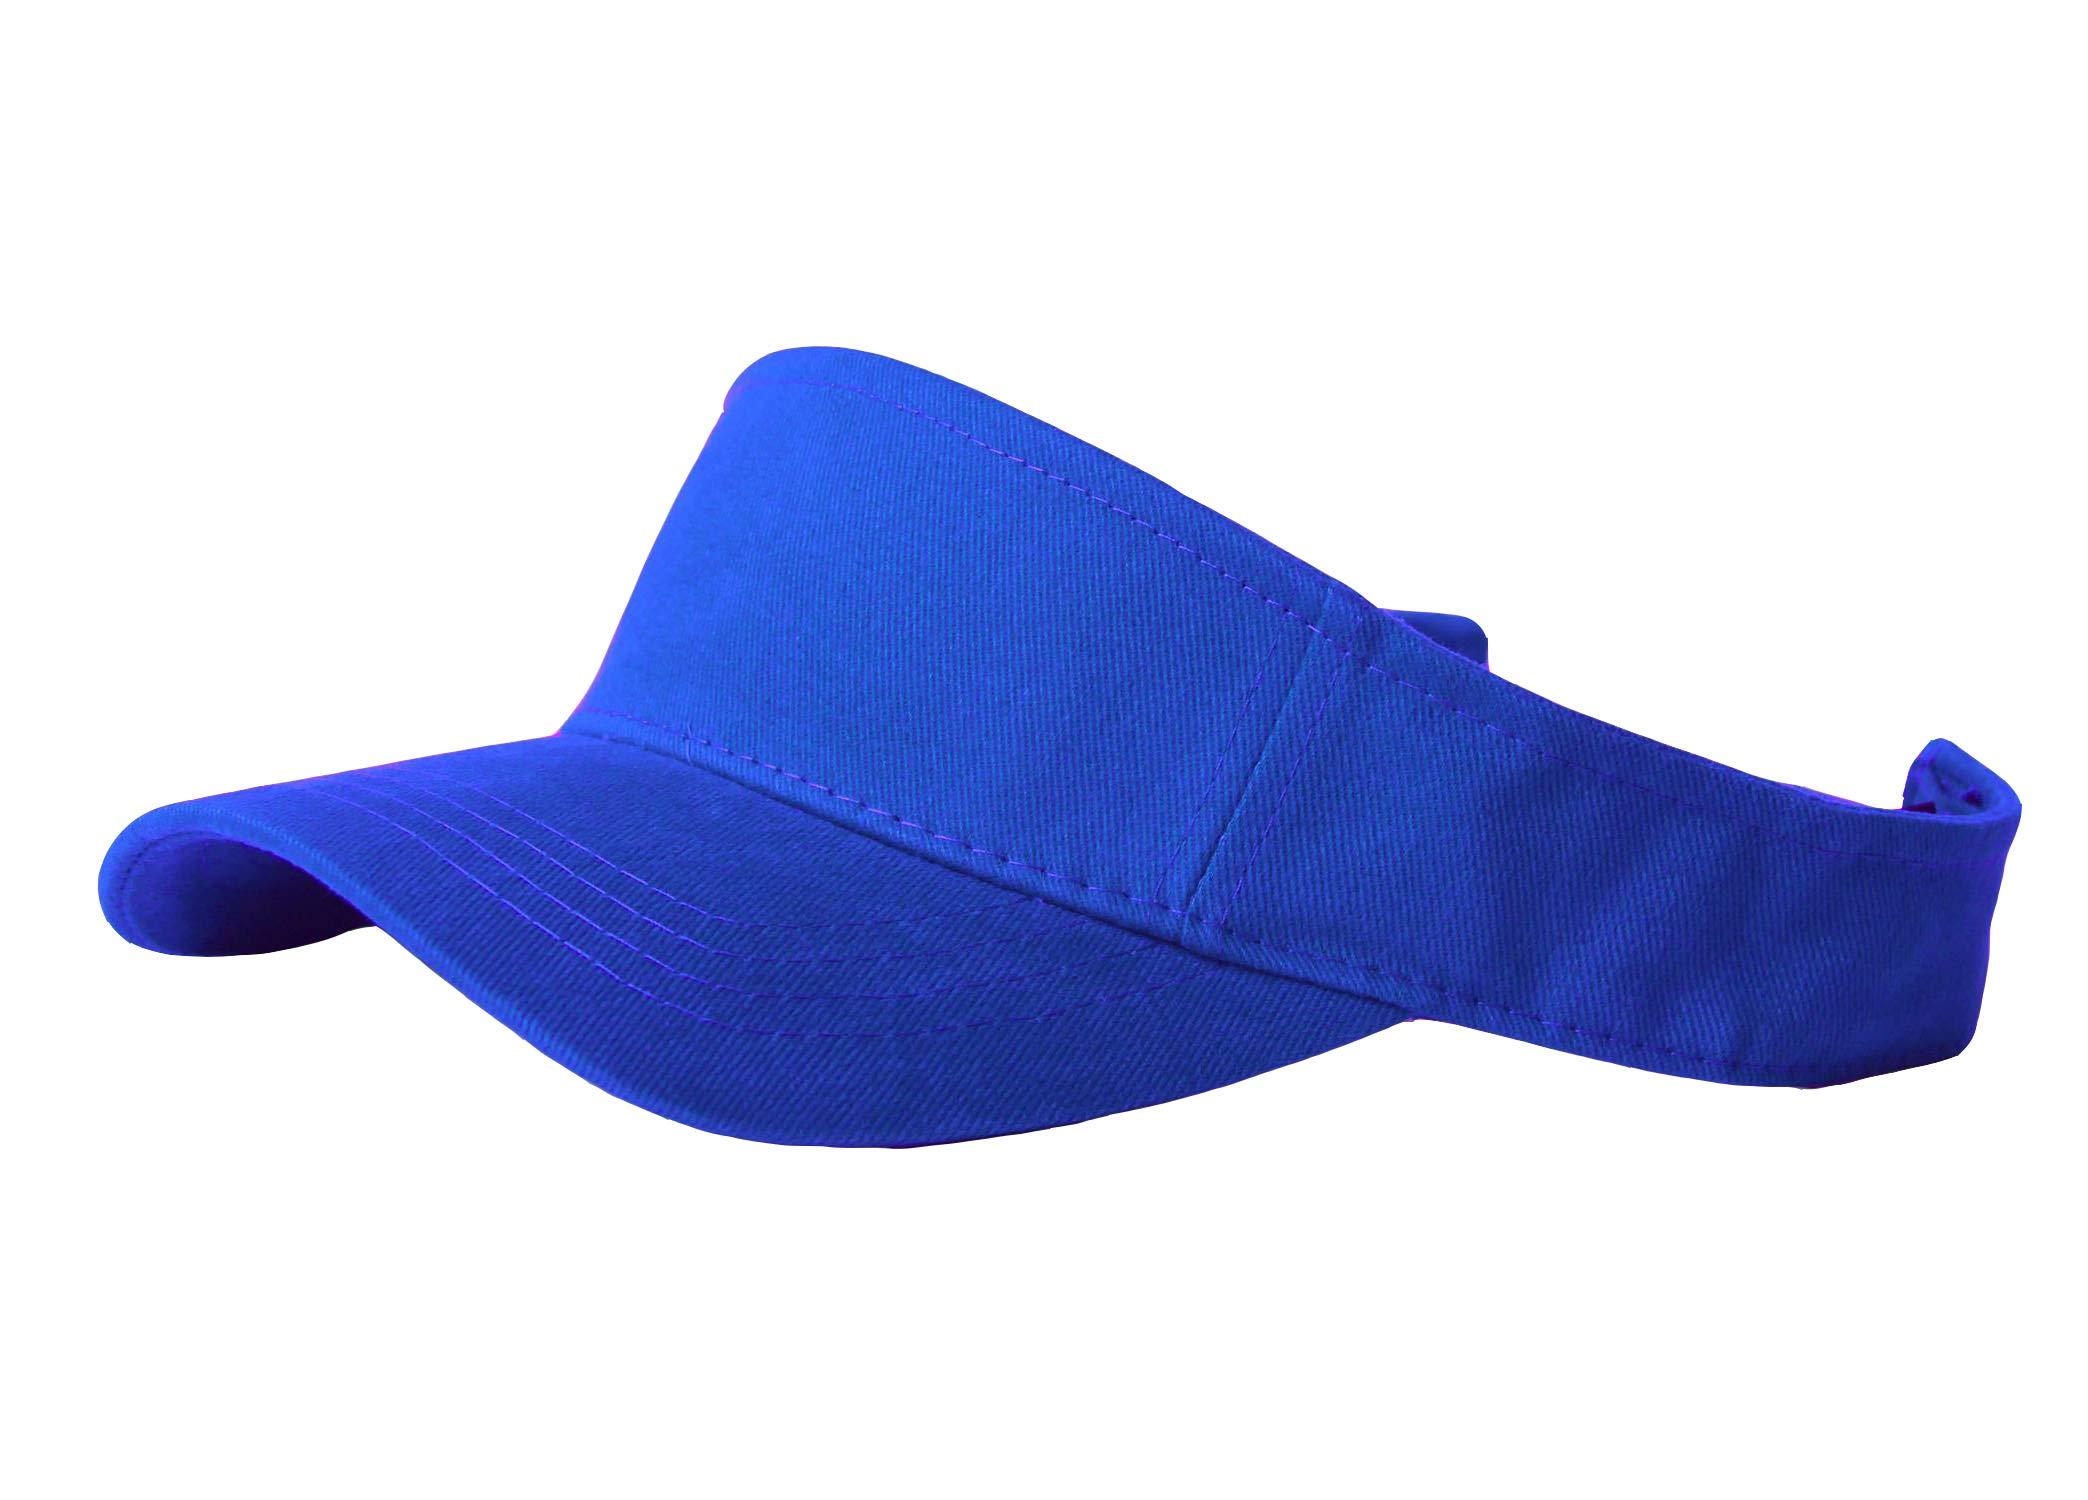 12 Color Visor Caps Wholesale- Royal Blue